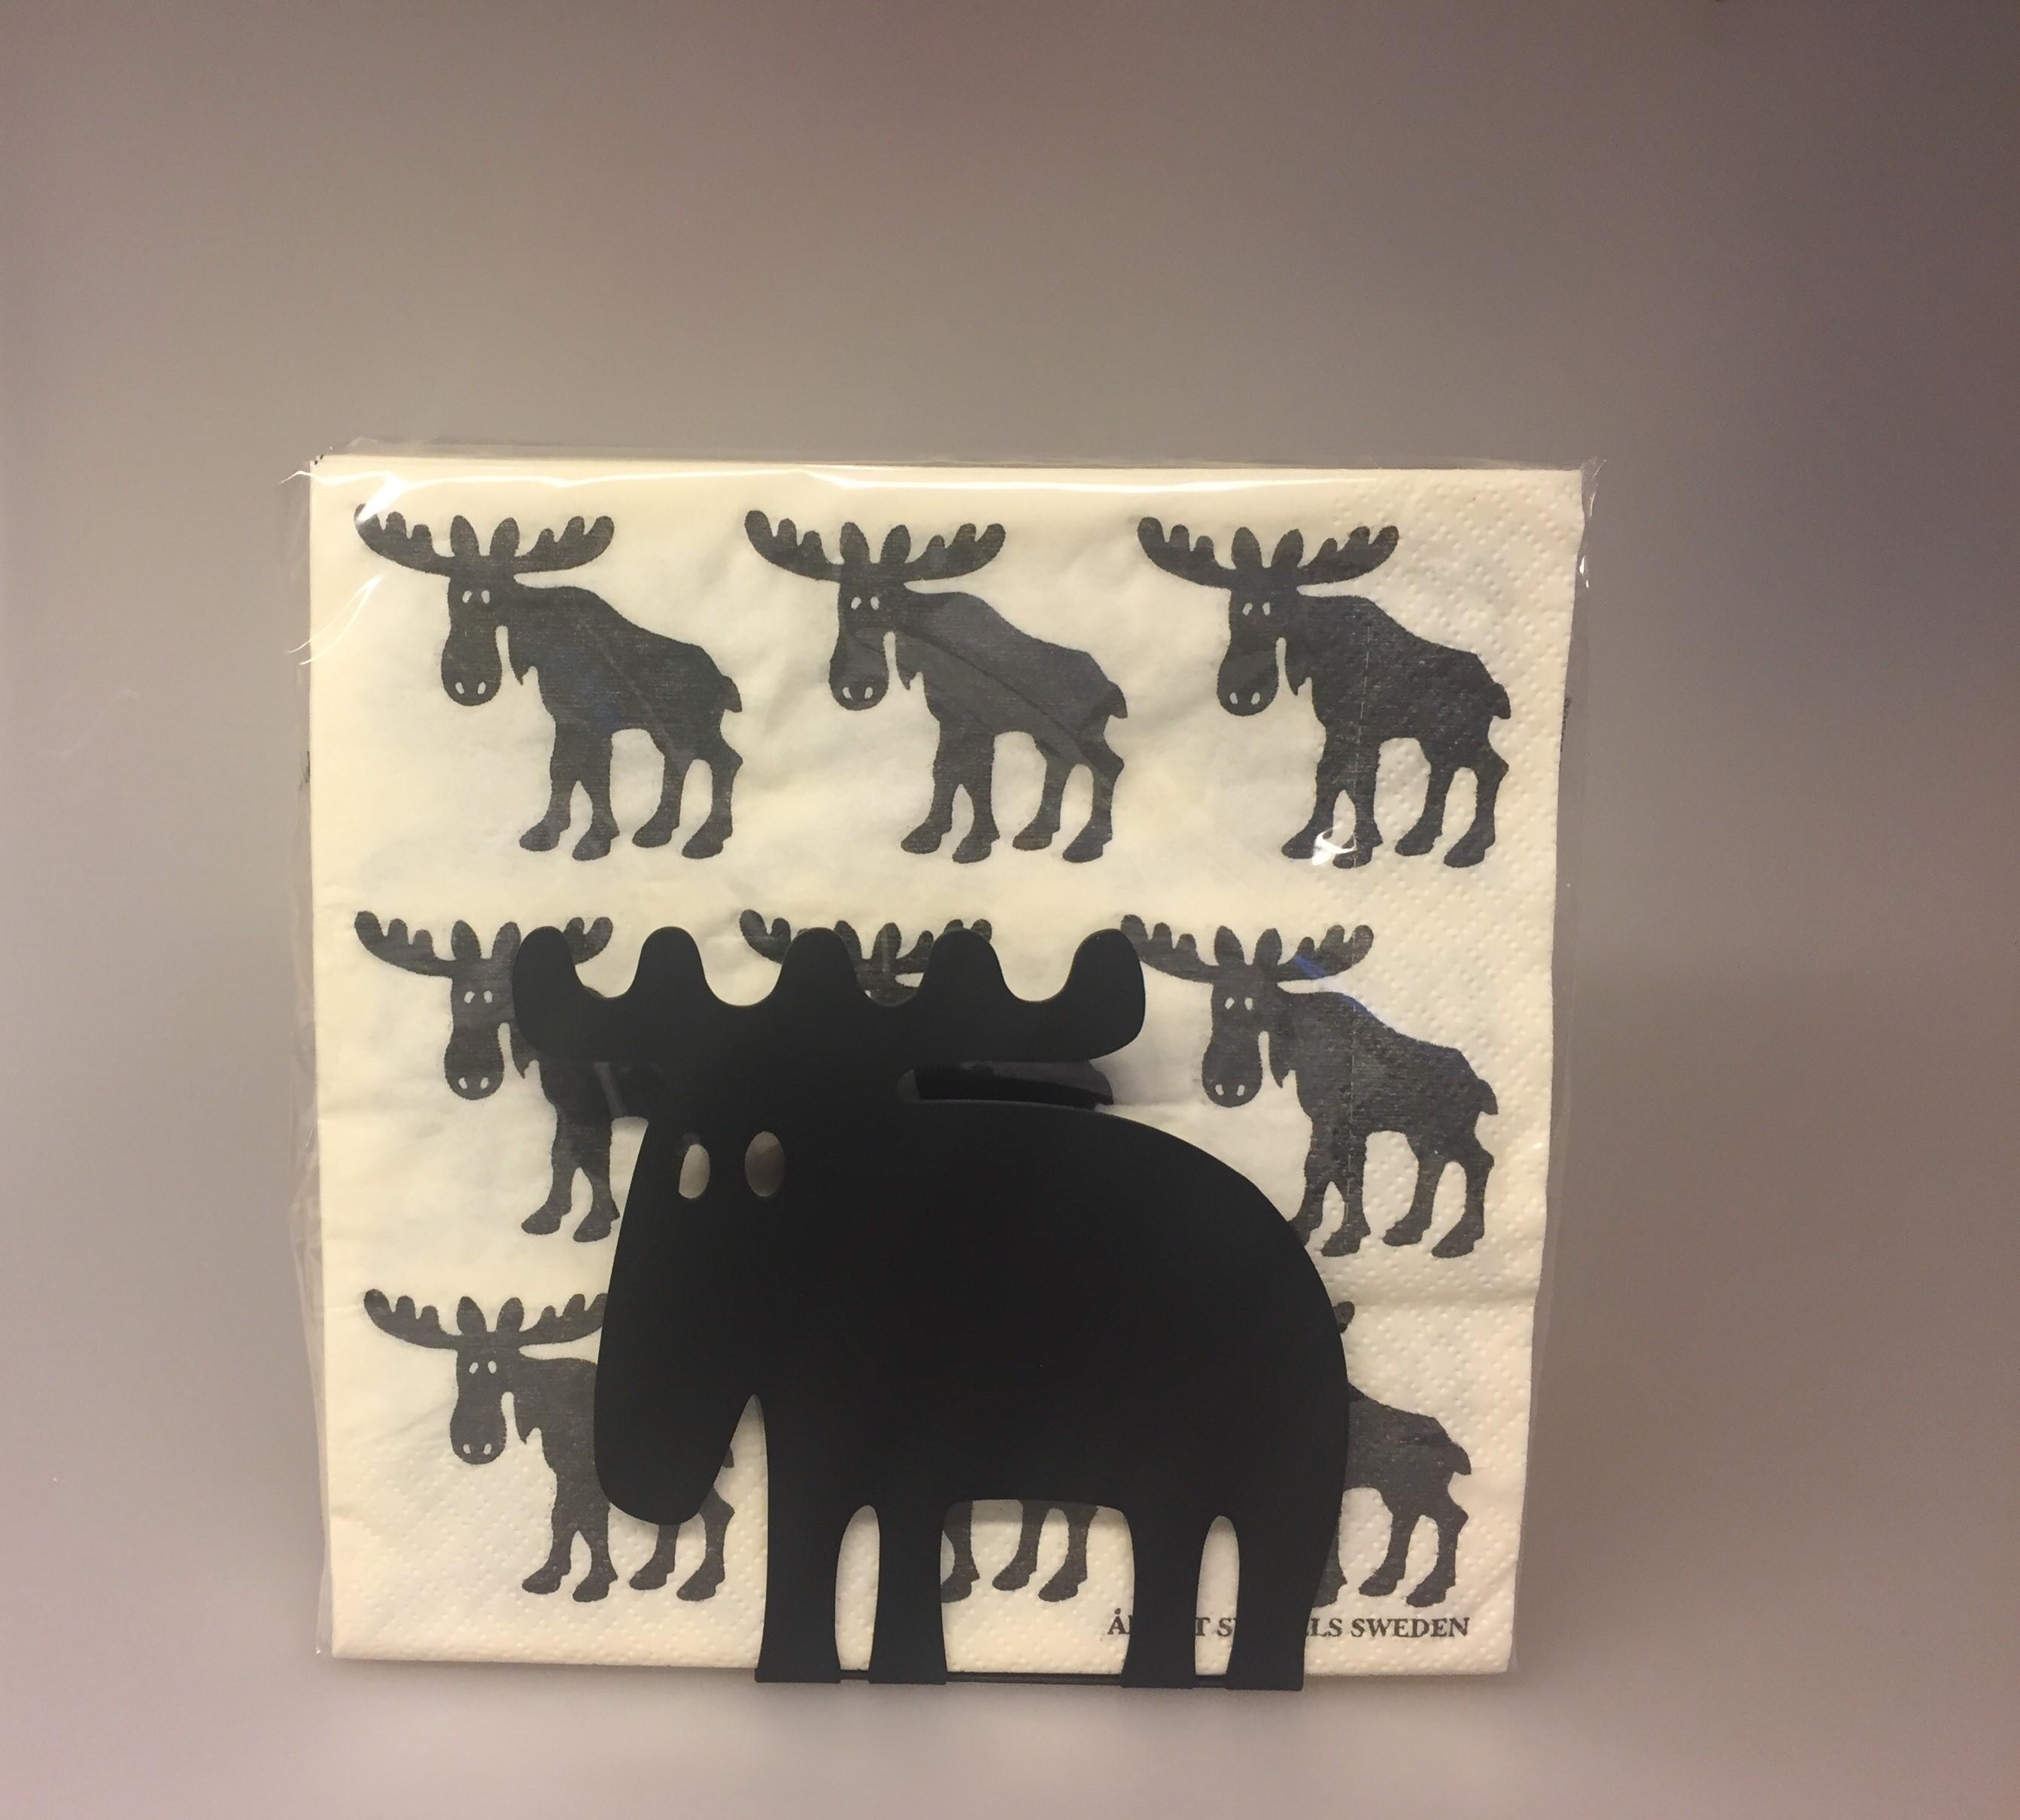 Servietholder metal - Elg sort, elgeservietholder, brevholder, brevordner, sort, metal, serviet holder, med elg, elgsdyr, moose, elk, elg, stilren, flot, kvalitet, nordisk, stil, svensk ,Servietter hvide med sorte Elge, elge, elg, elgting, elgservietter, elgeservietter, elgsdyr, elsdyr, svensk, svenske,sverige, astrid lindgren, småland, skåne, kvalitet, specielt, nordisk, design, norden,